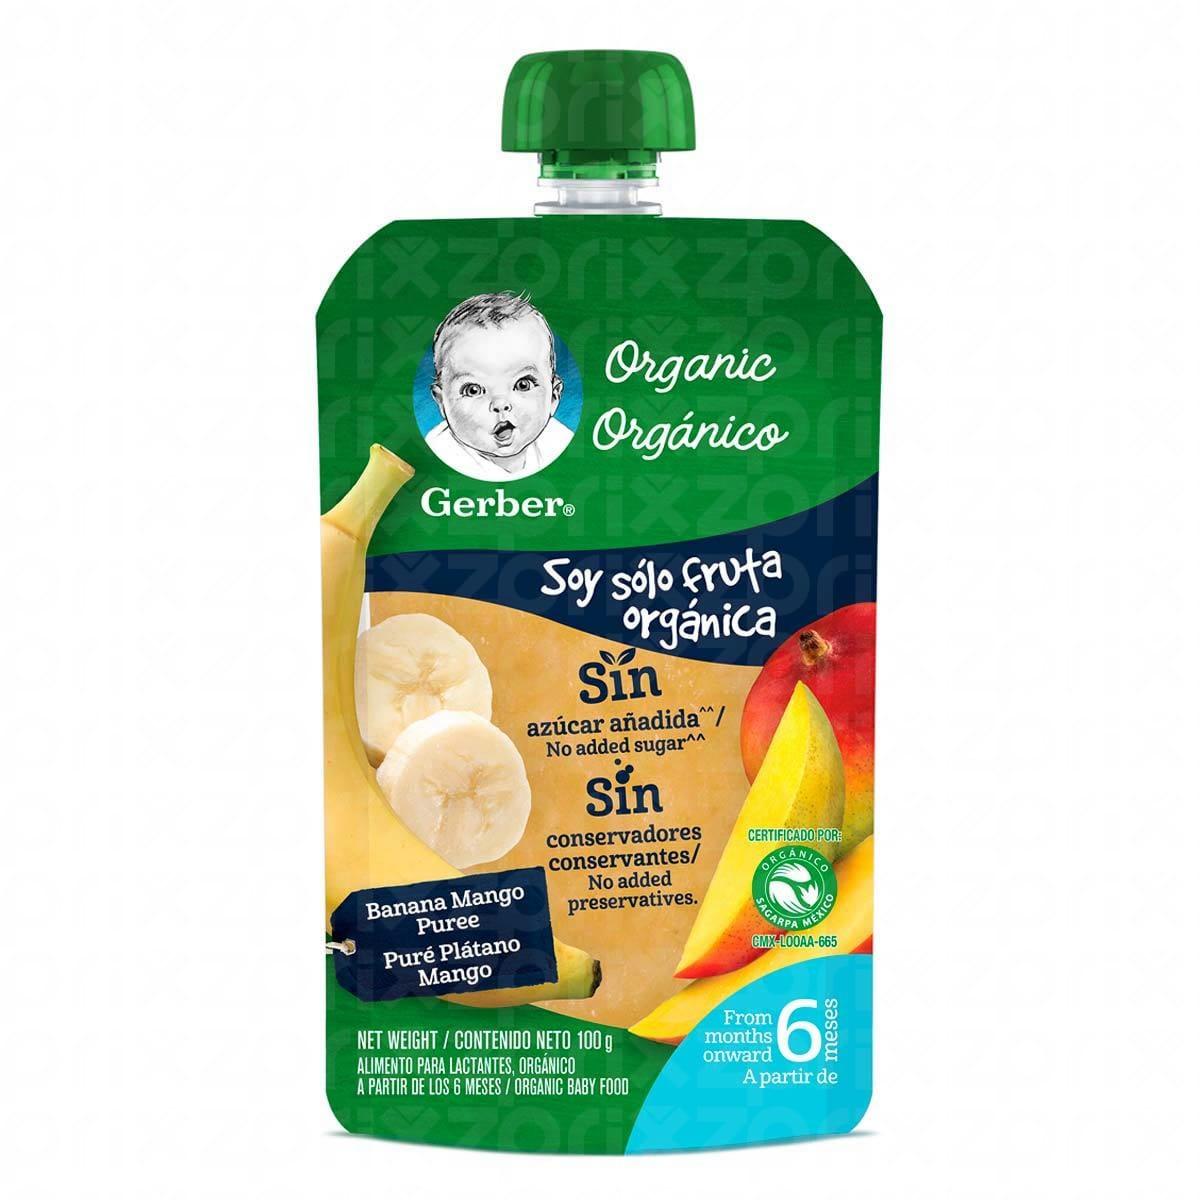 Gerber organico pure platano mango 100 gr